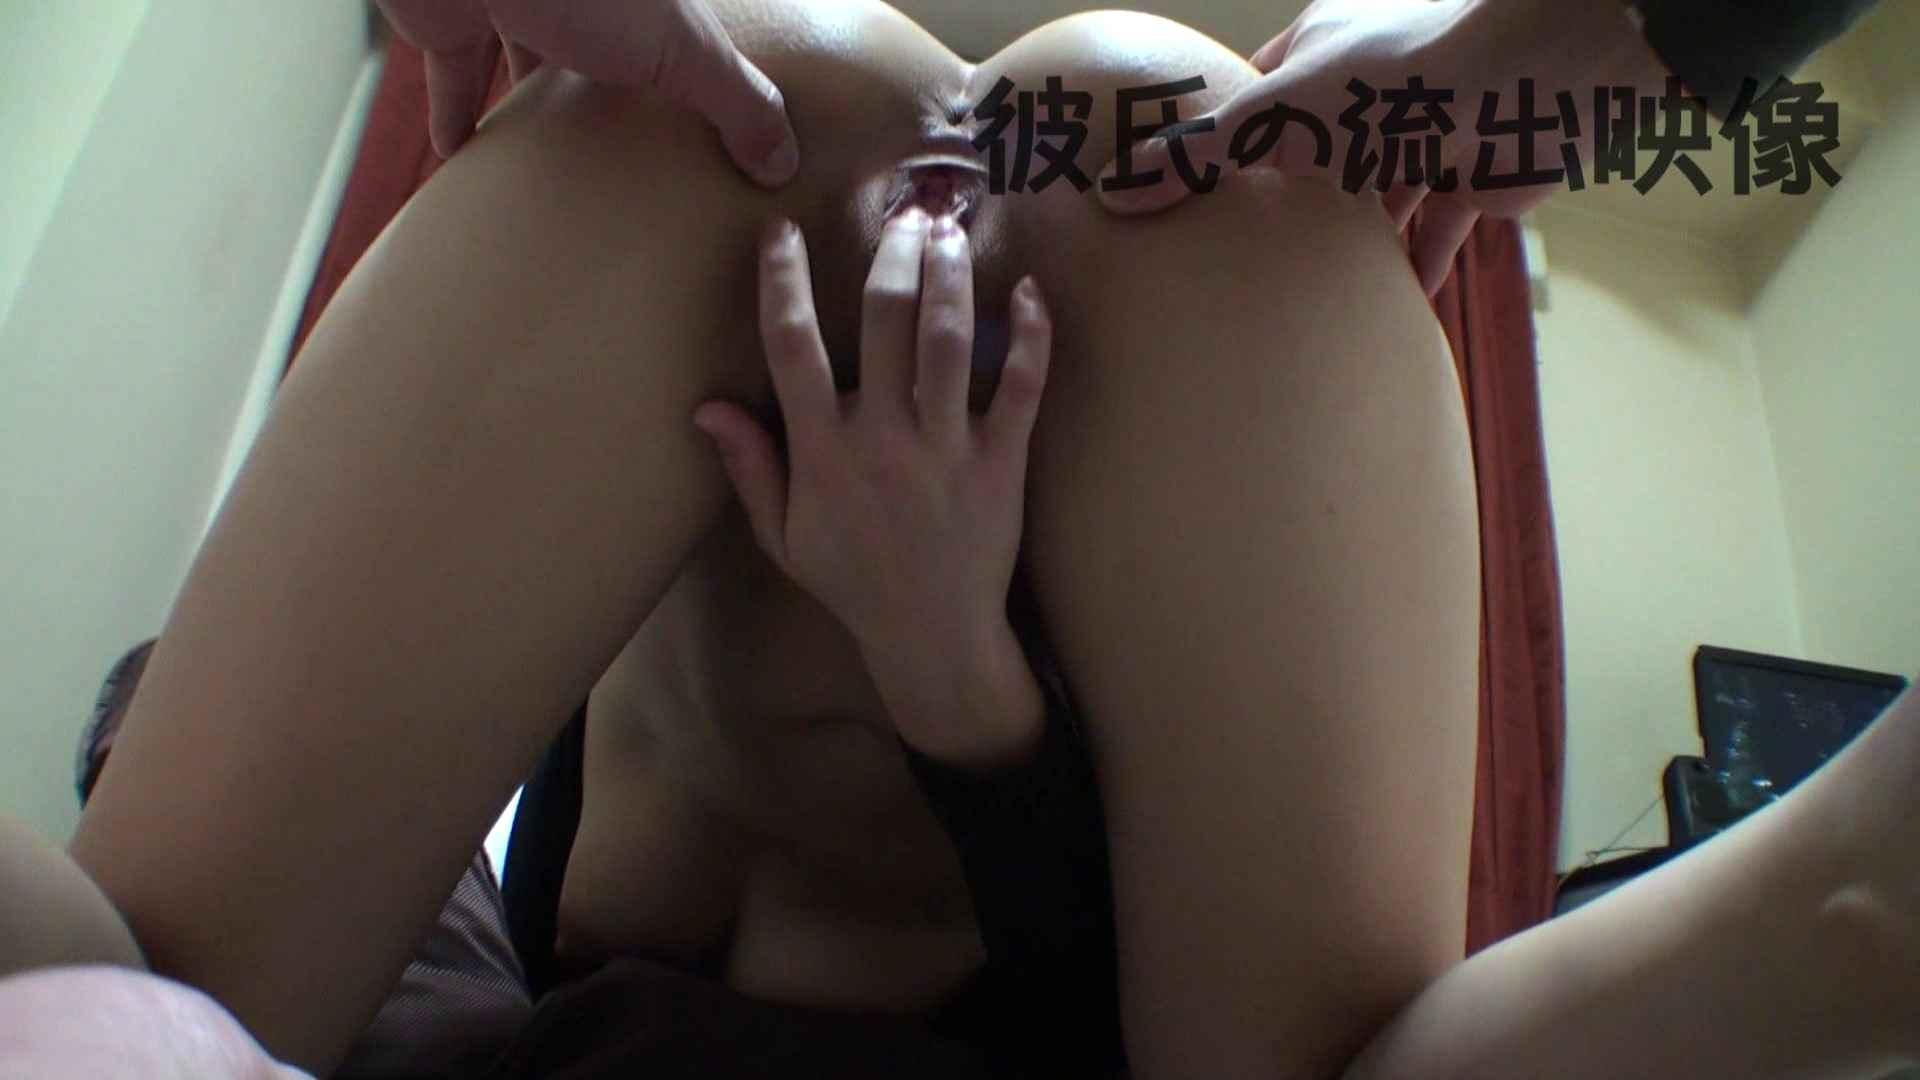 彼氏が流出 パイパン素人嬢のハメ撮り映像04 一般投稿  82連発 61